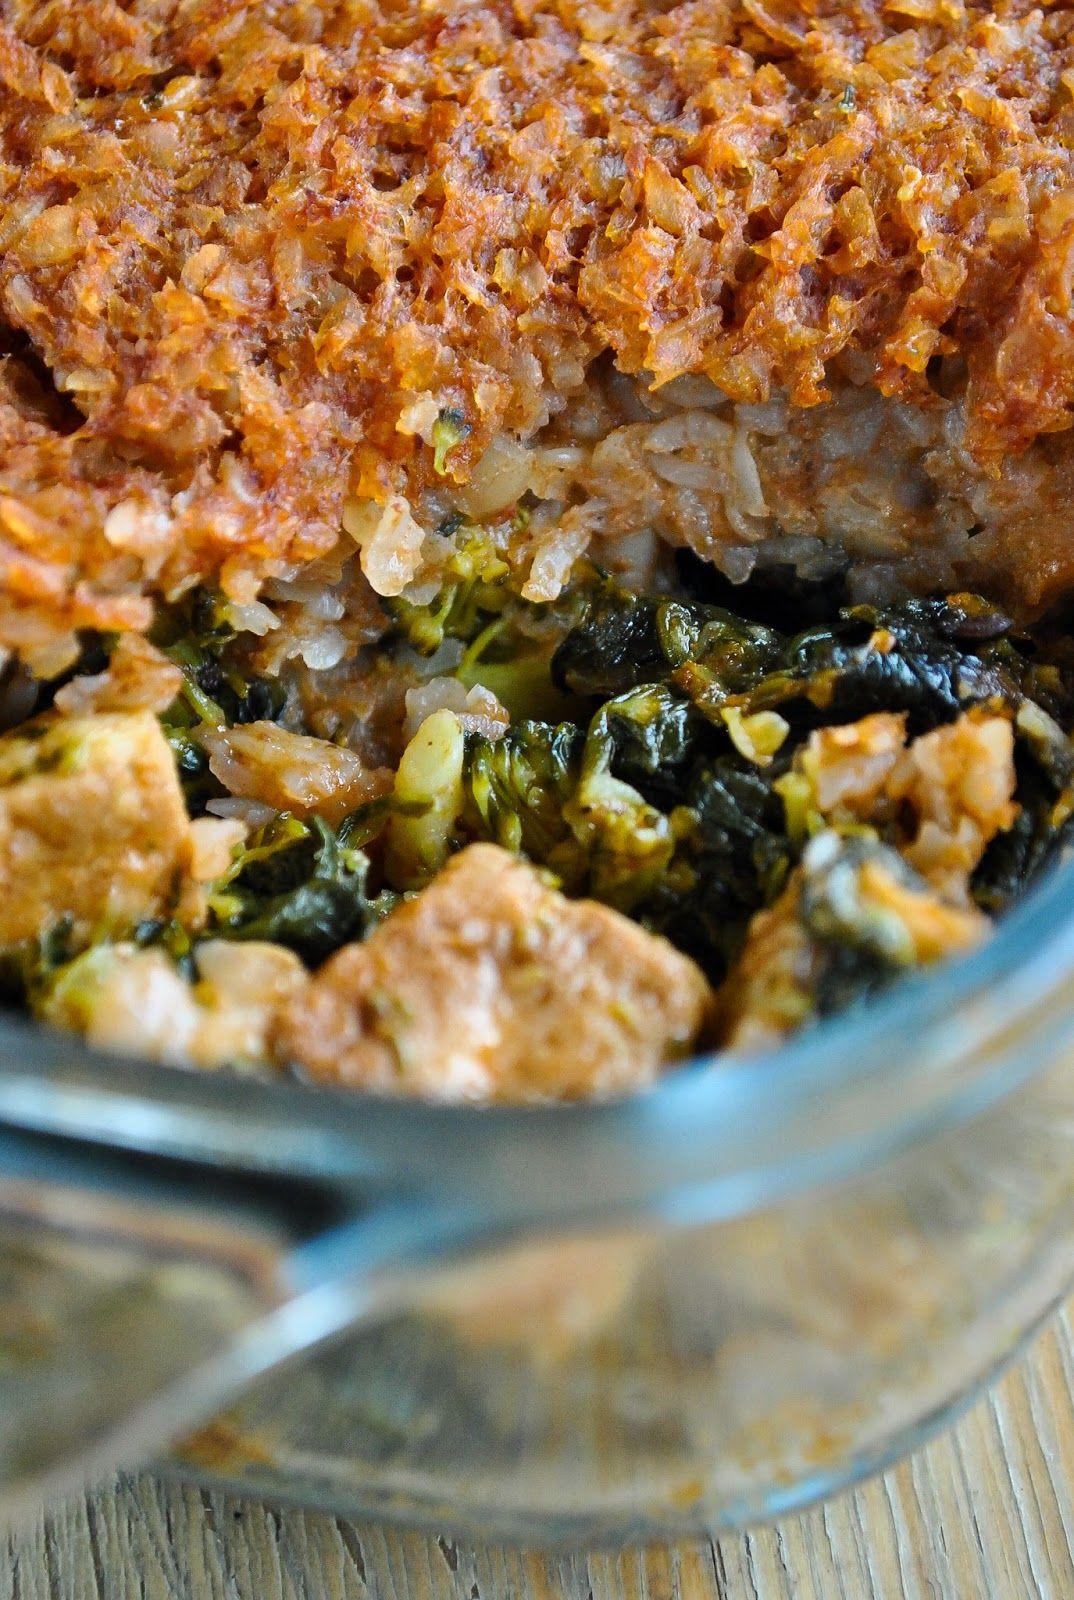 Shepherd's pie with buckwheat, veggies and tofu |VeganSandra - tasty, cheap and easy vegan recipes by Sandra Vungi